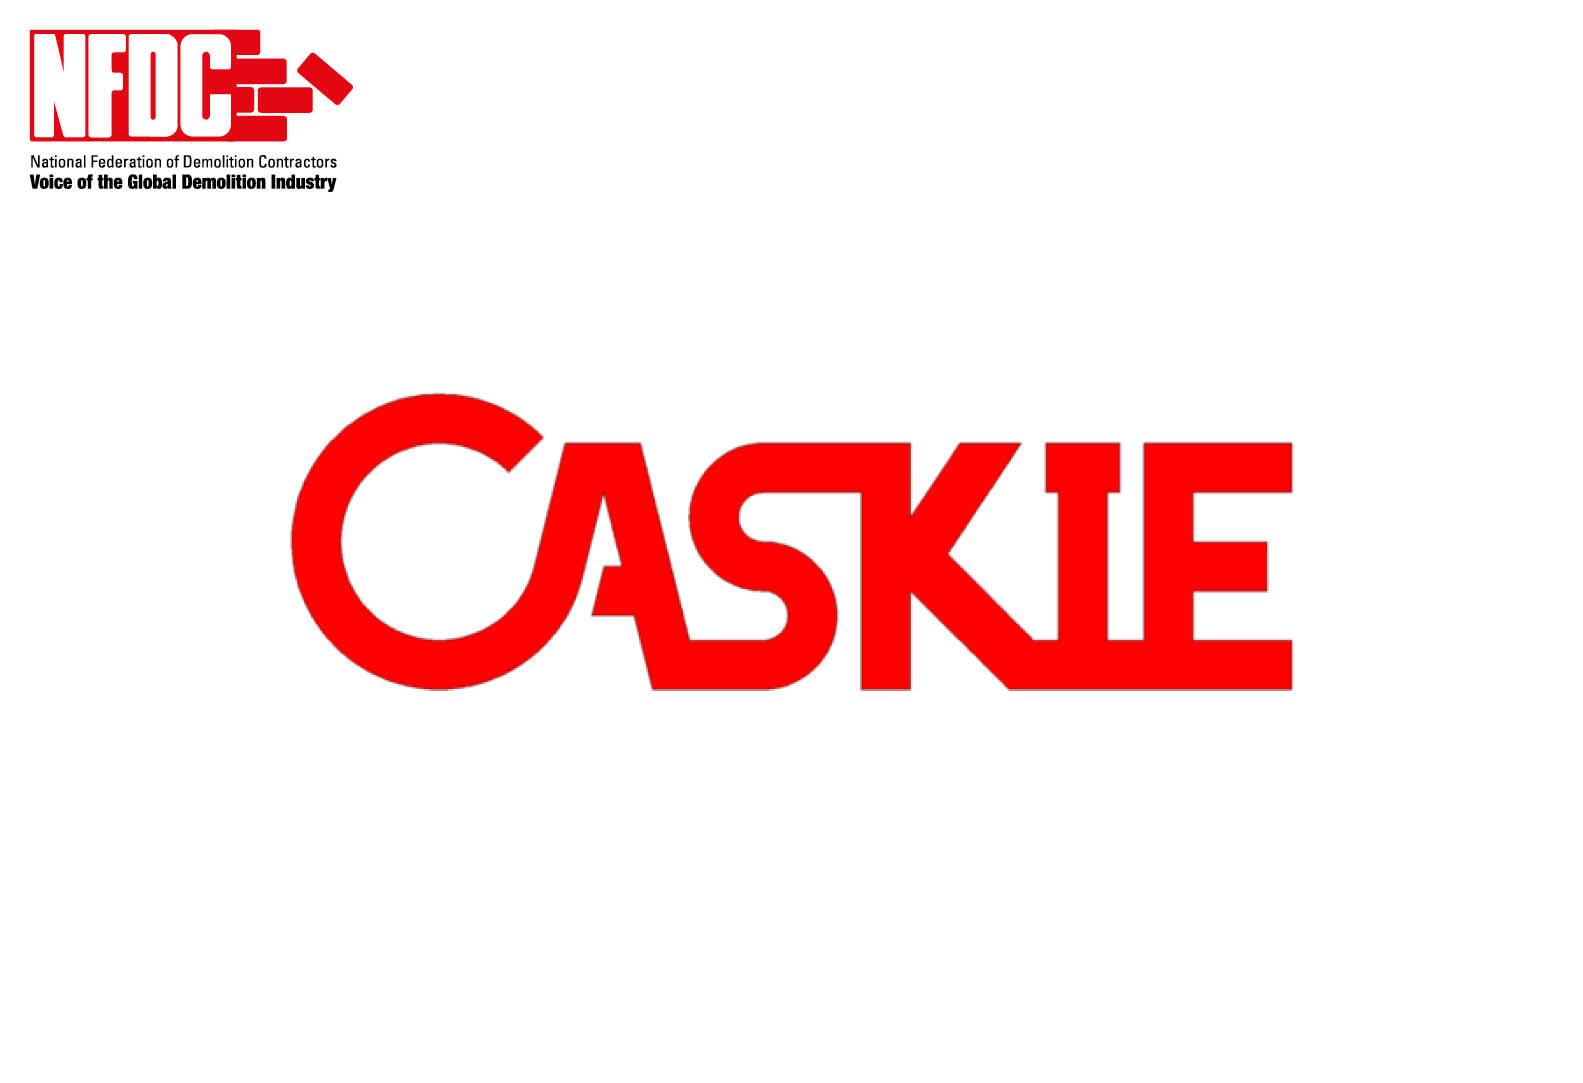 Caskie